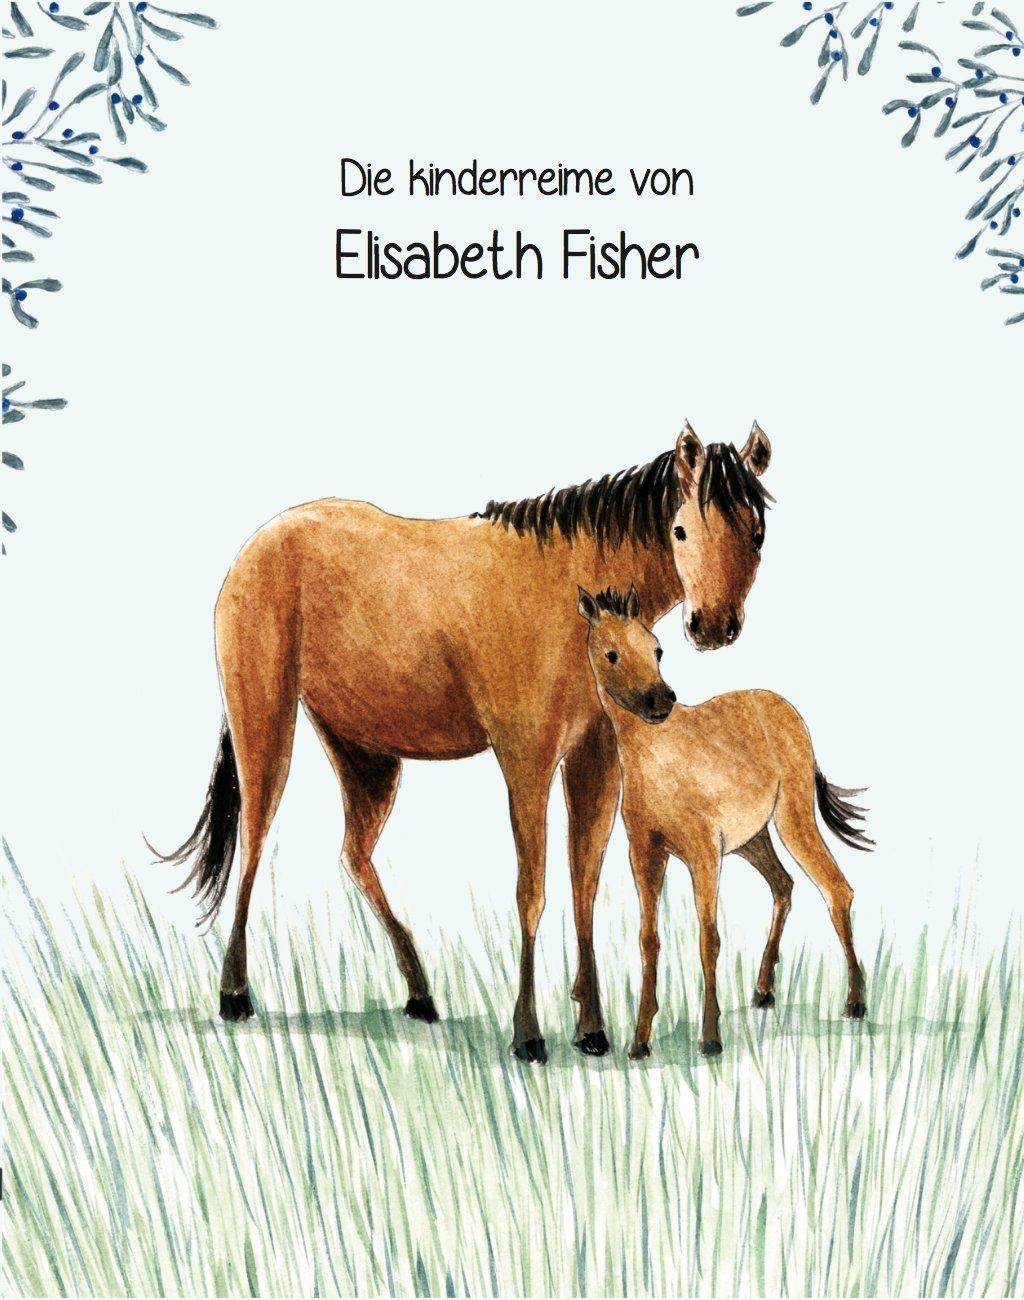 Personalisiertes Kinderbuch mit Name und Vorname - Das Buch der Tiere - Handgefertigt - Geburtsgeschenk - Made in Belgium - ZebraBook